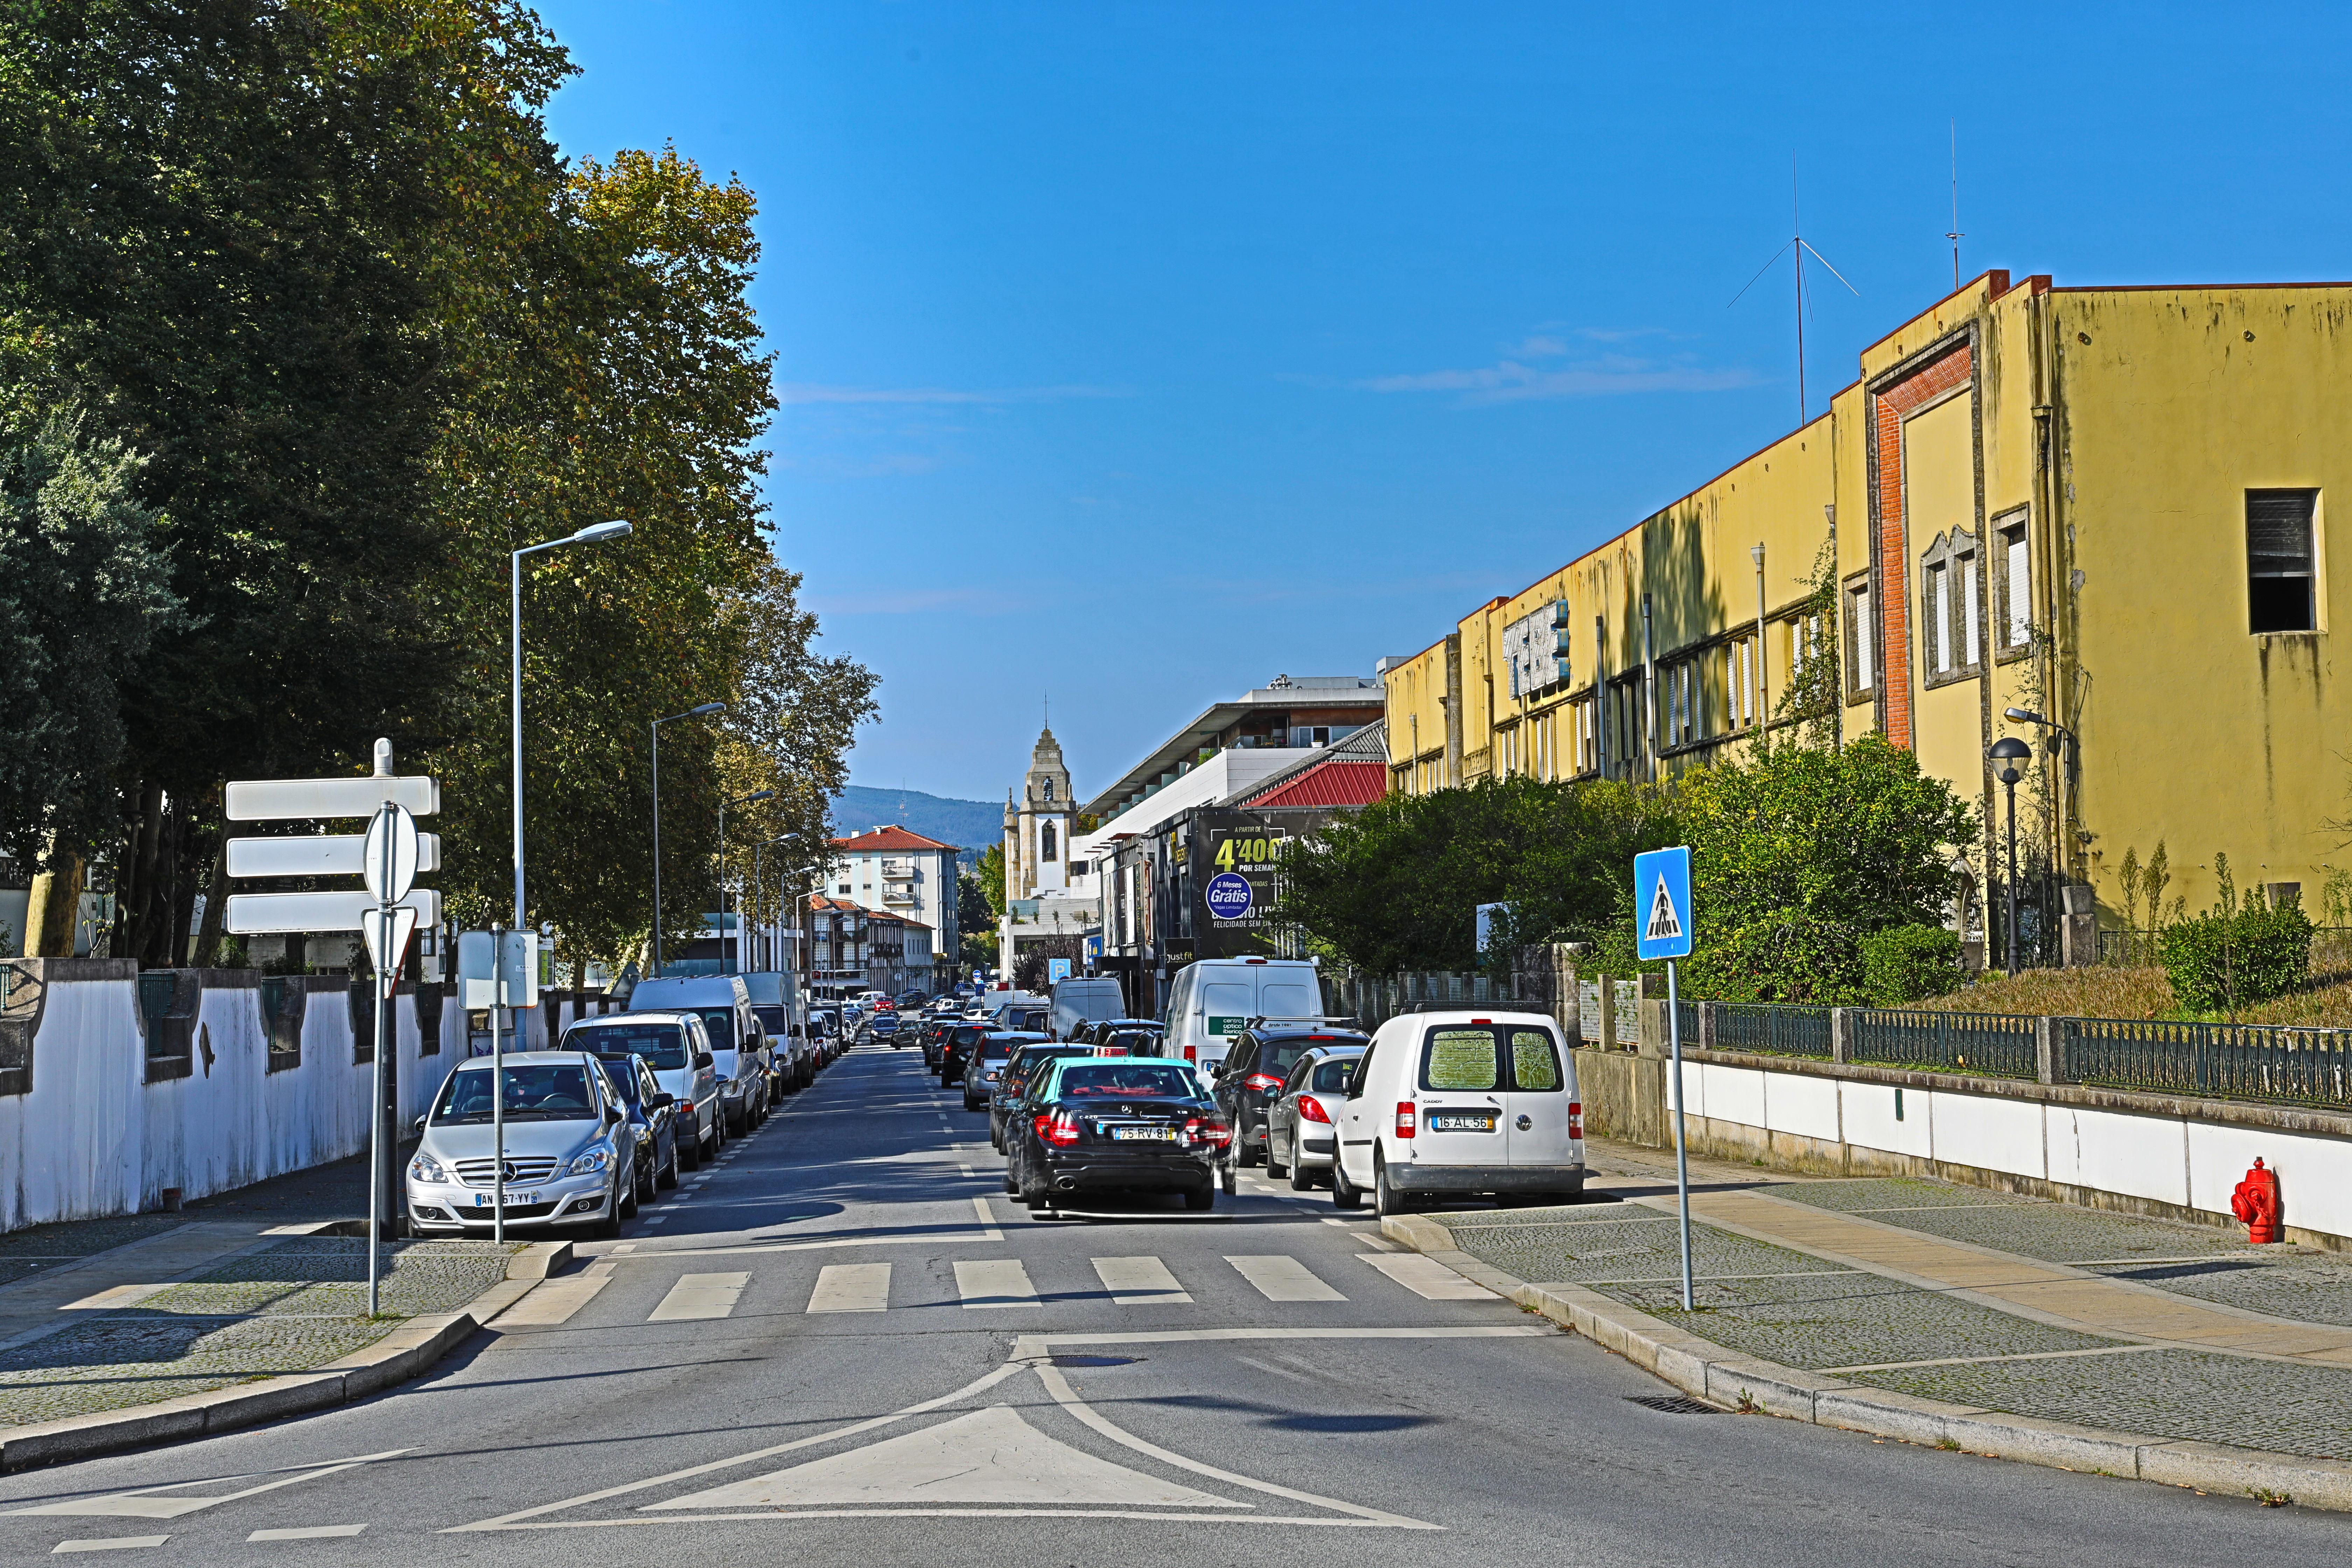 Alterações de trânsito na Rua Cândido da Cunha devido a obras de qualificação